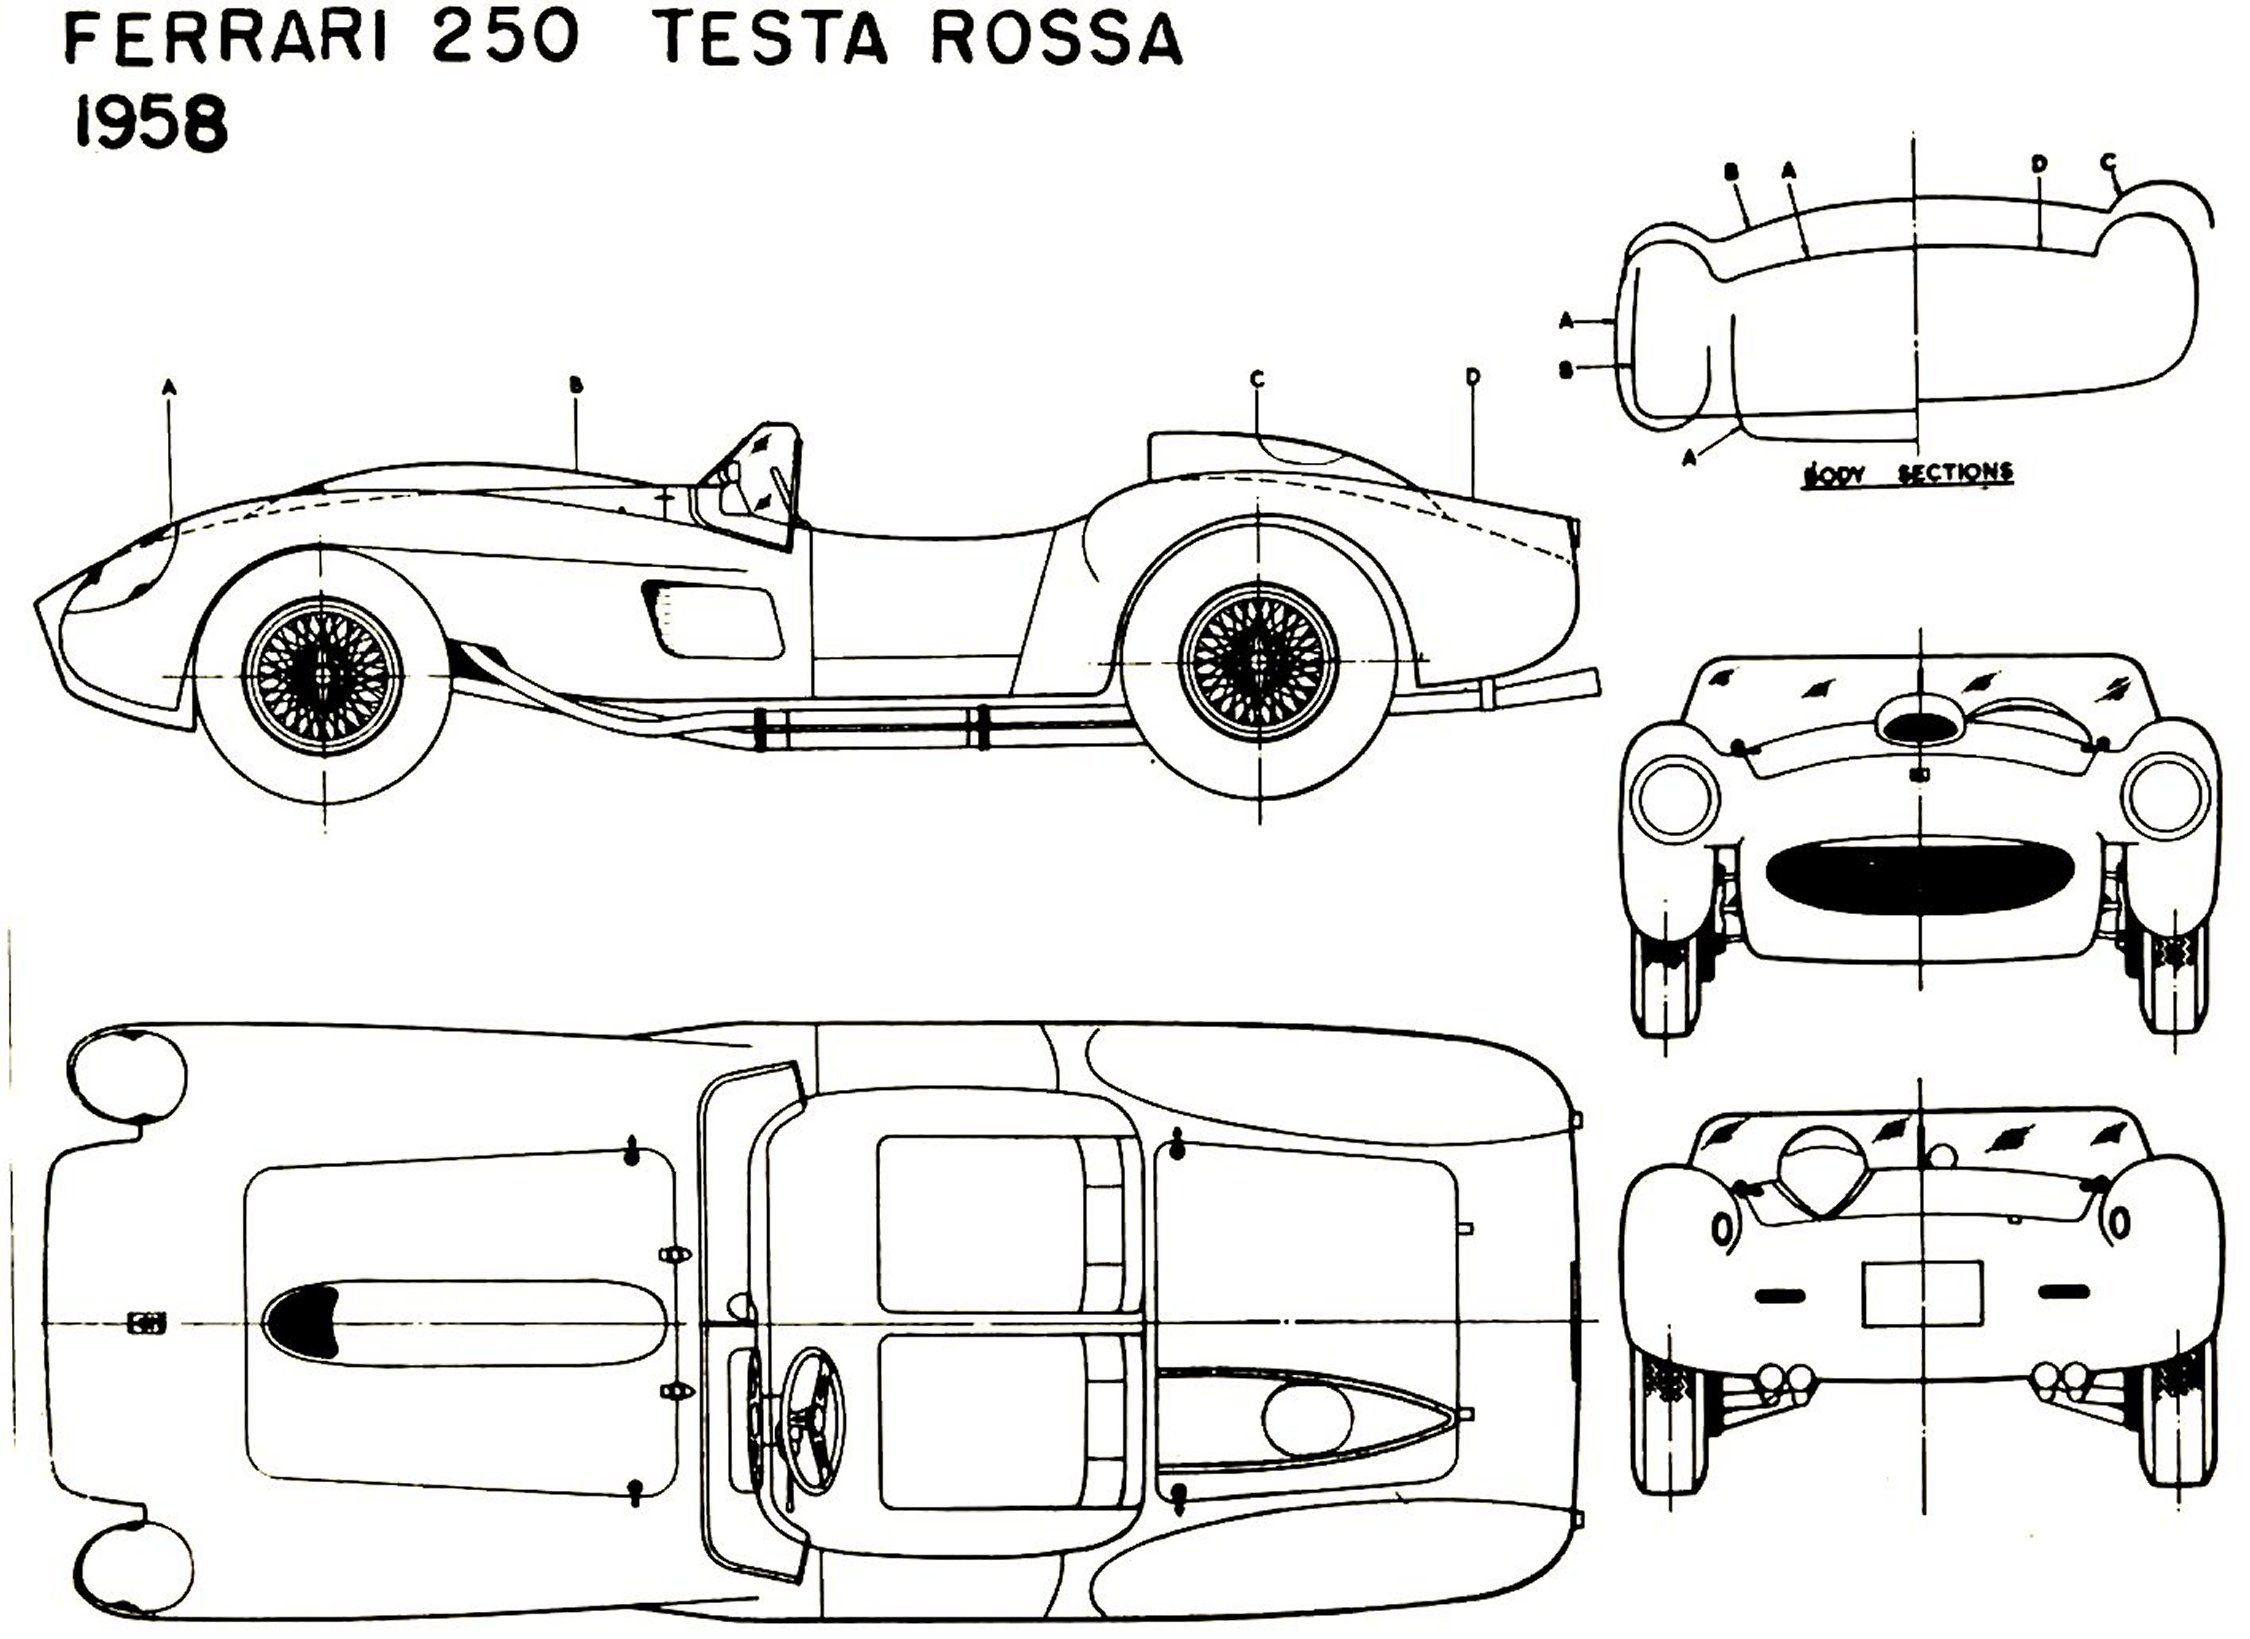 Ferrari 250 Testarossa Blueprint